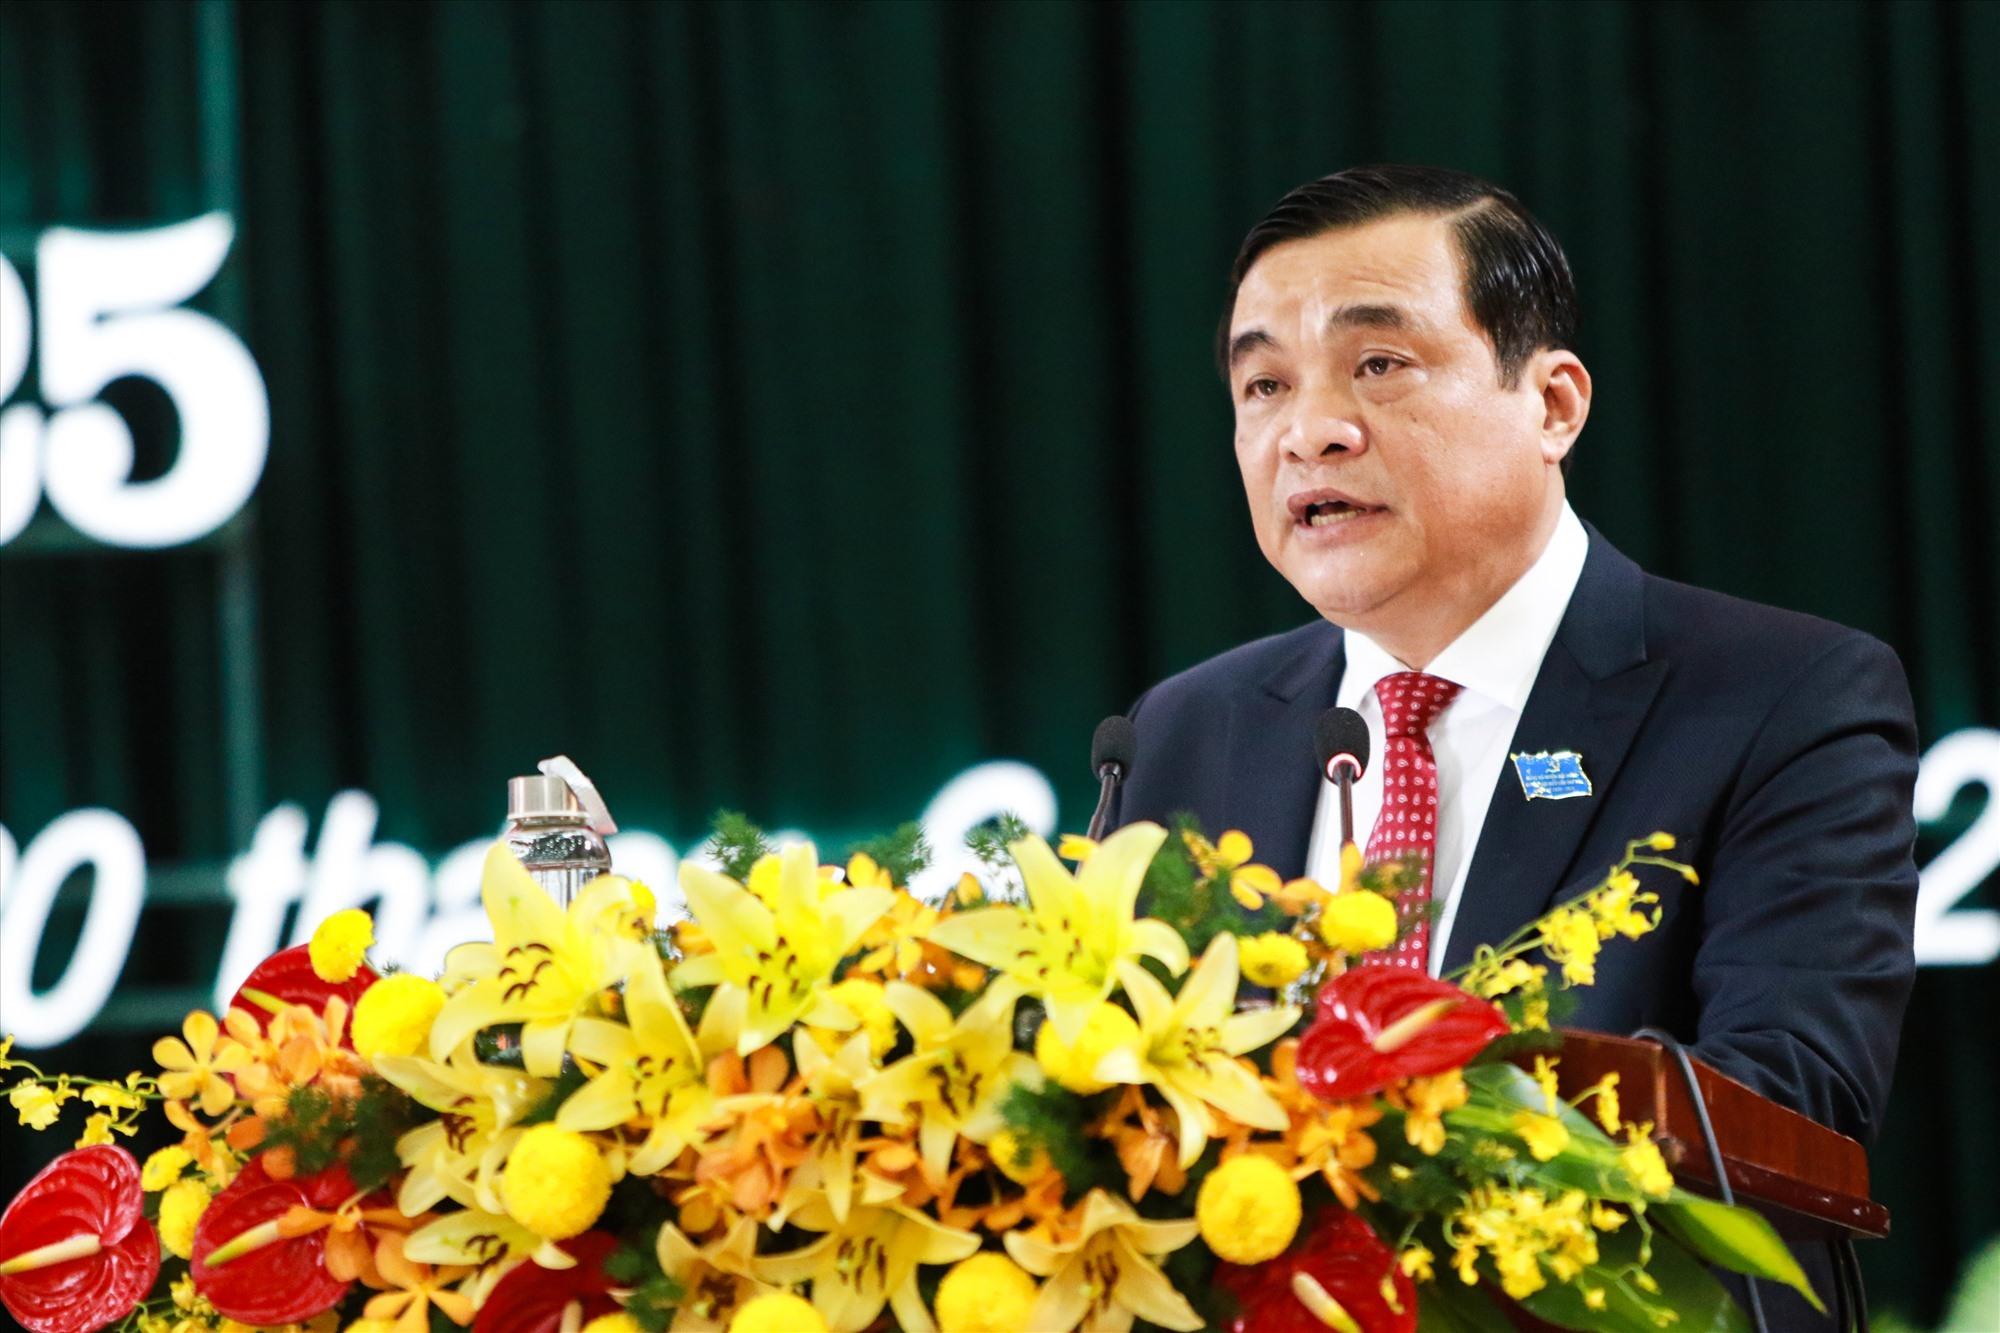 Bí thư Tỉnh ủy Phan Việt Cường phát biểu chỉ đạo tại đại hội. Ảnh: T.C